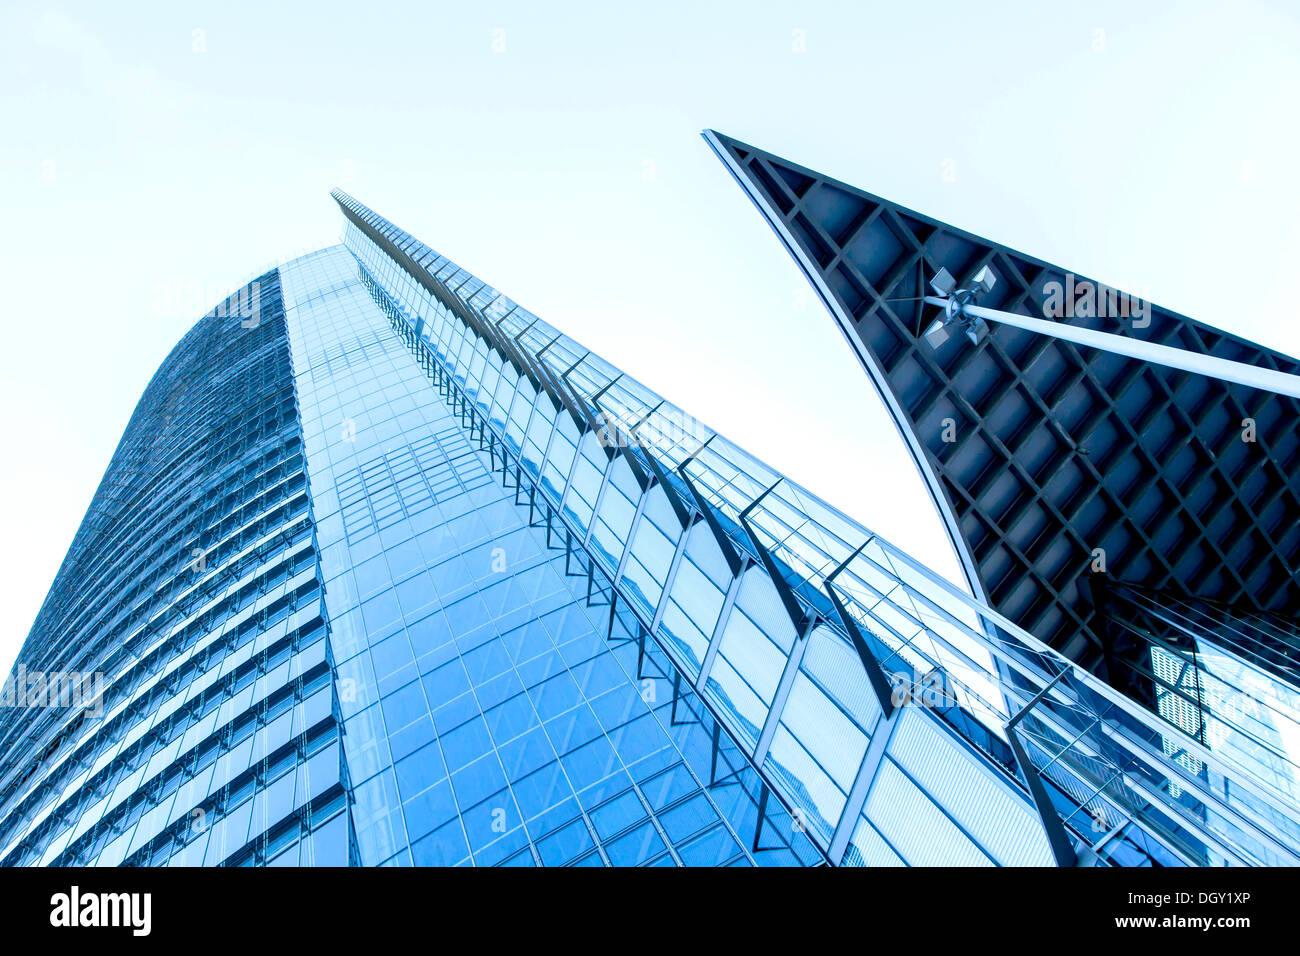 La façade en verre de la Post Tower, siège de Deutsche Post AG, DHL et Postbank, Bonn, Rhénanie-du-Nord - Westphalie, Banque D'Images